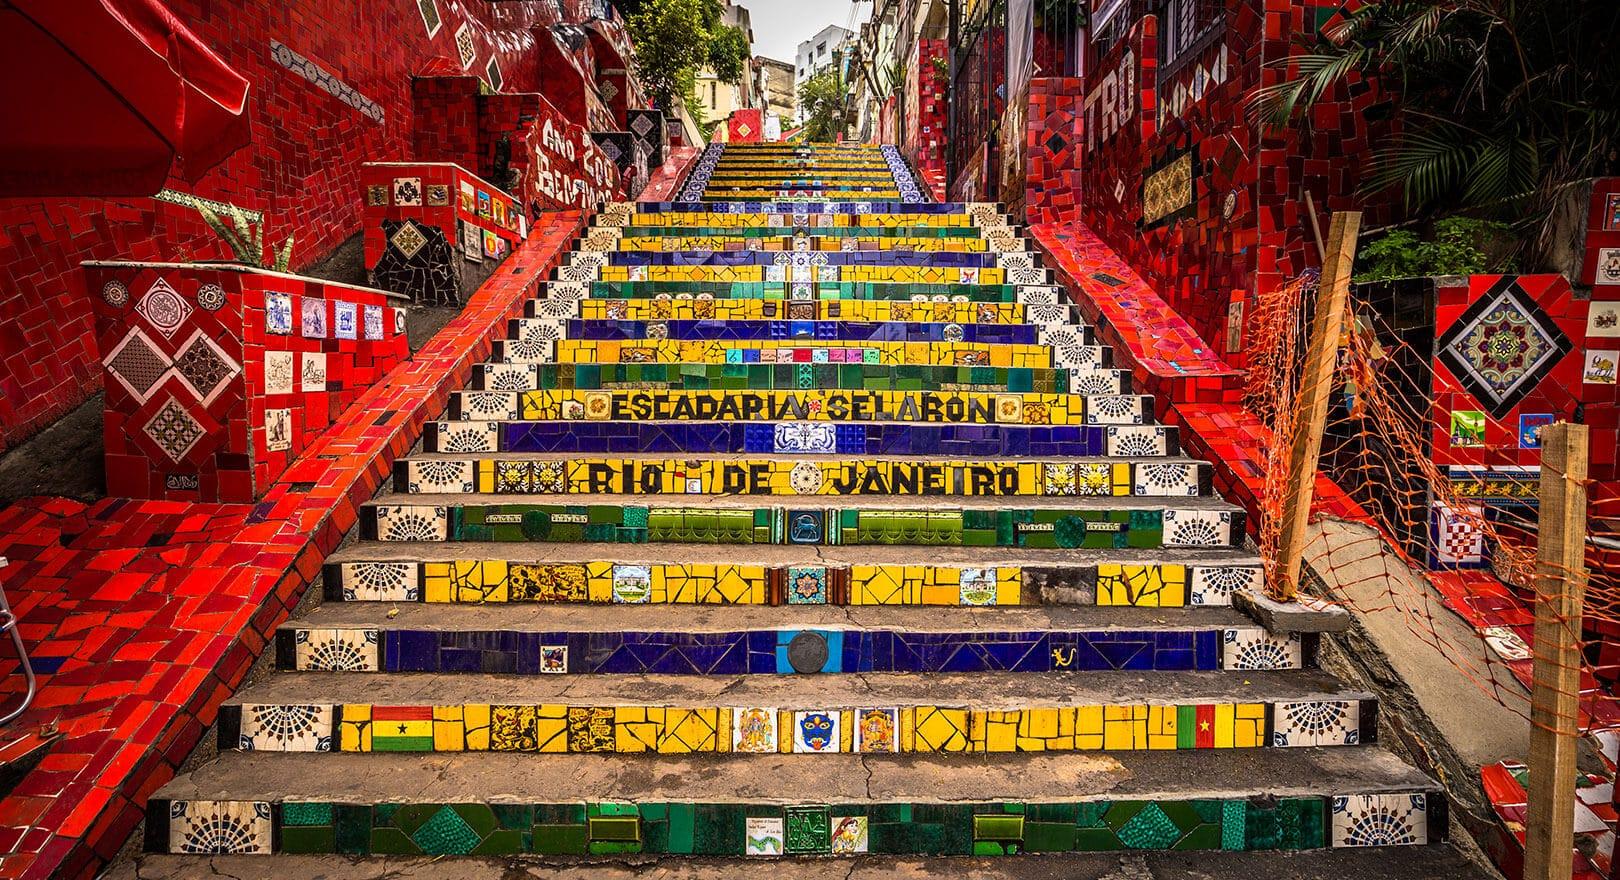 Work and Travel in Brasilien – eine tolle Art Brasilien zu entdecken